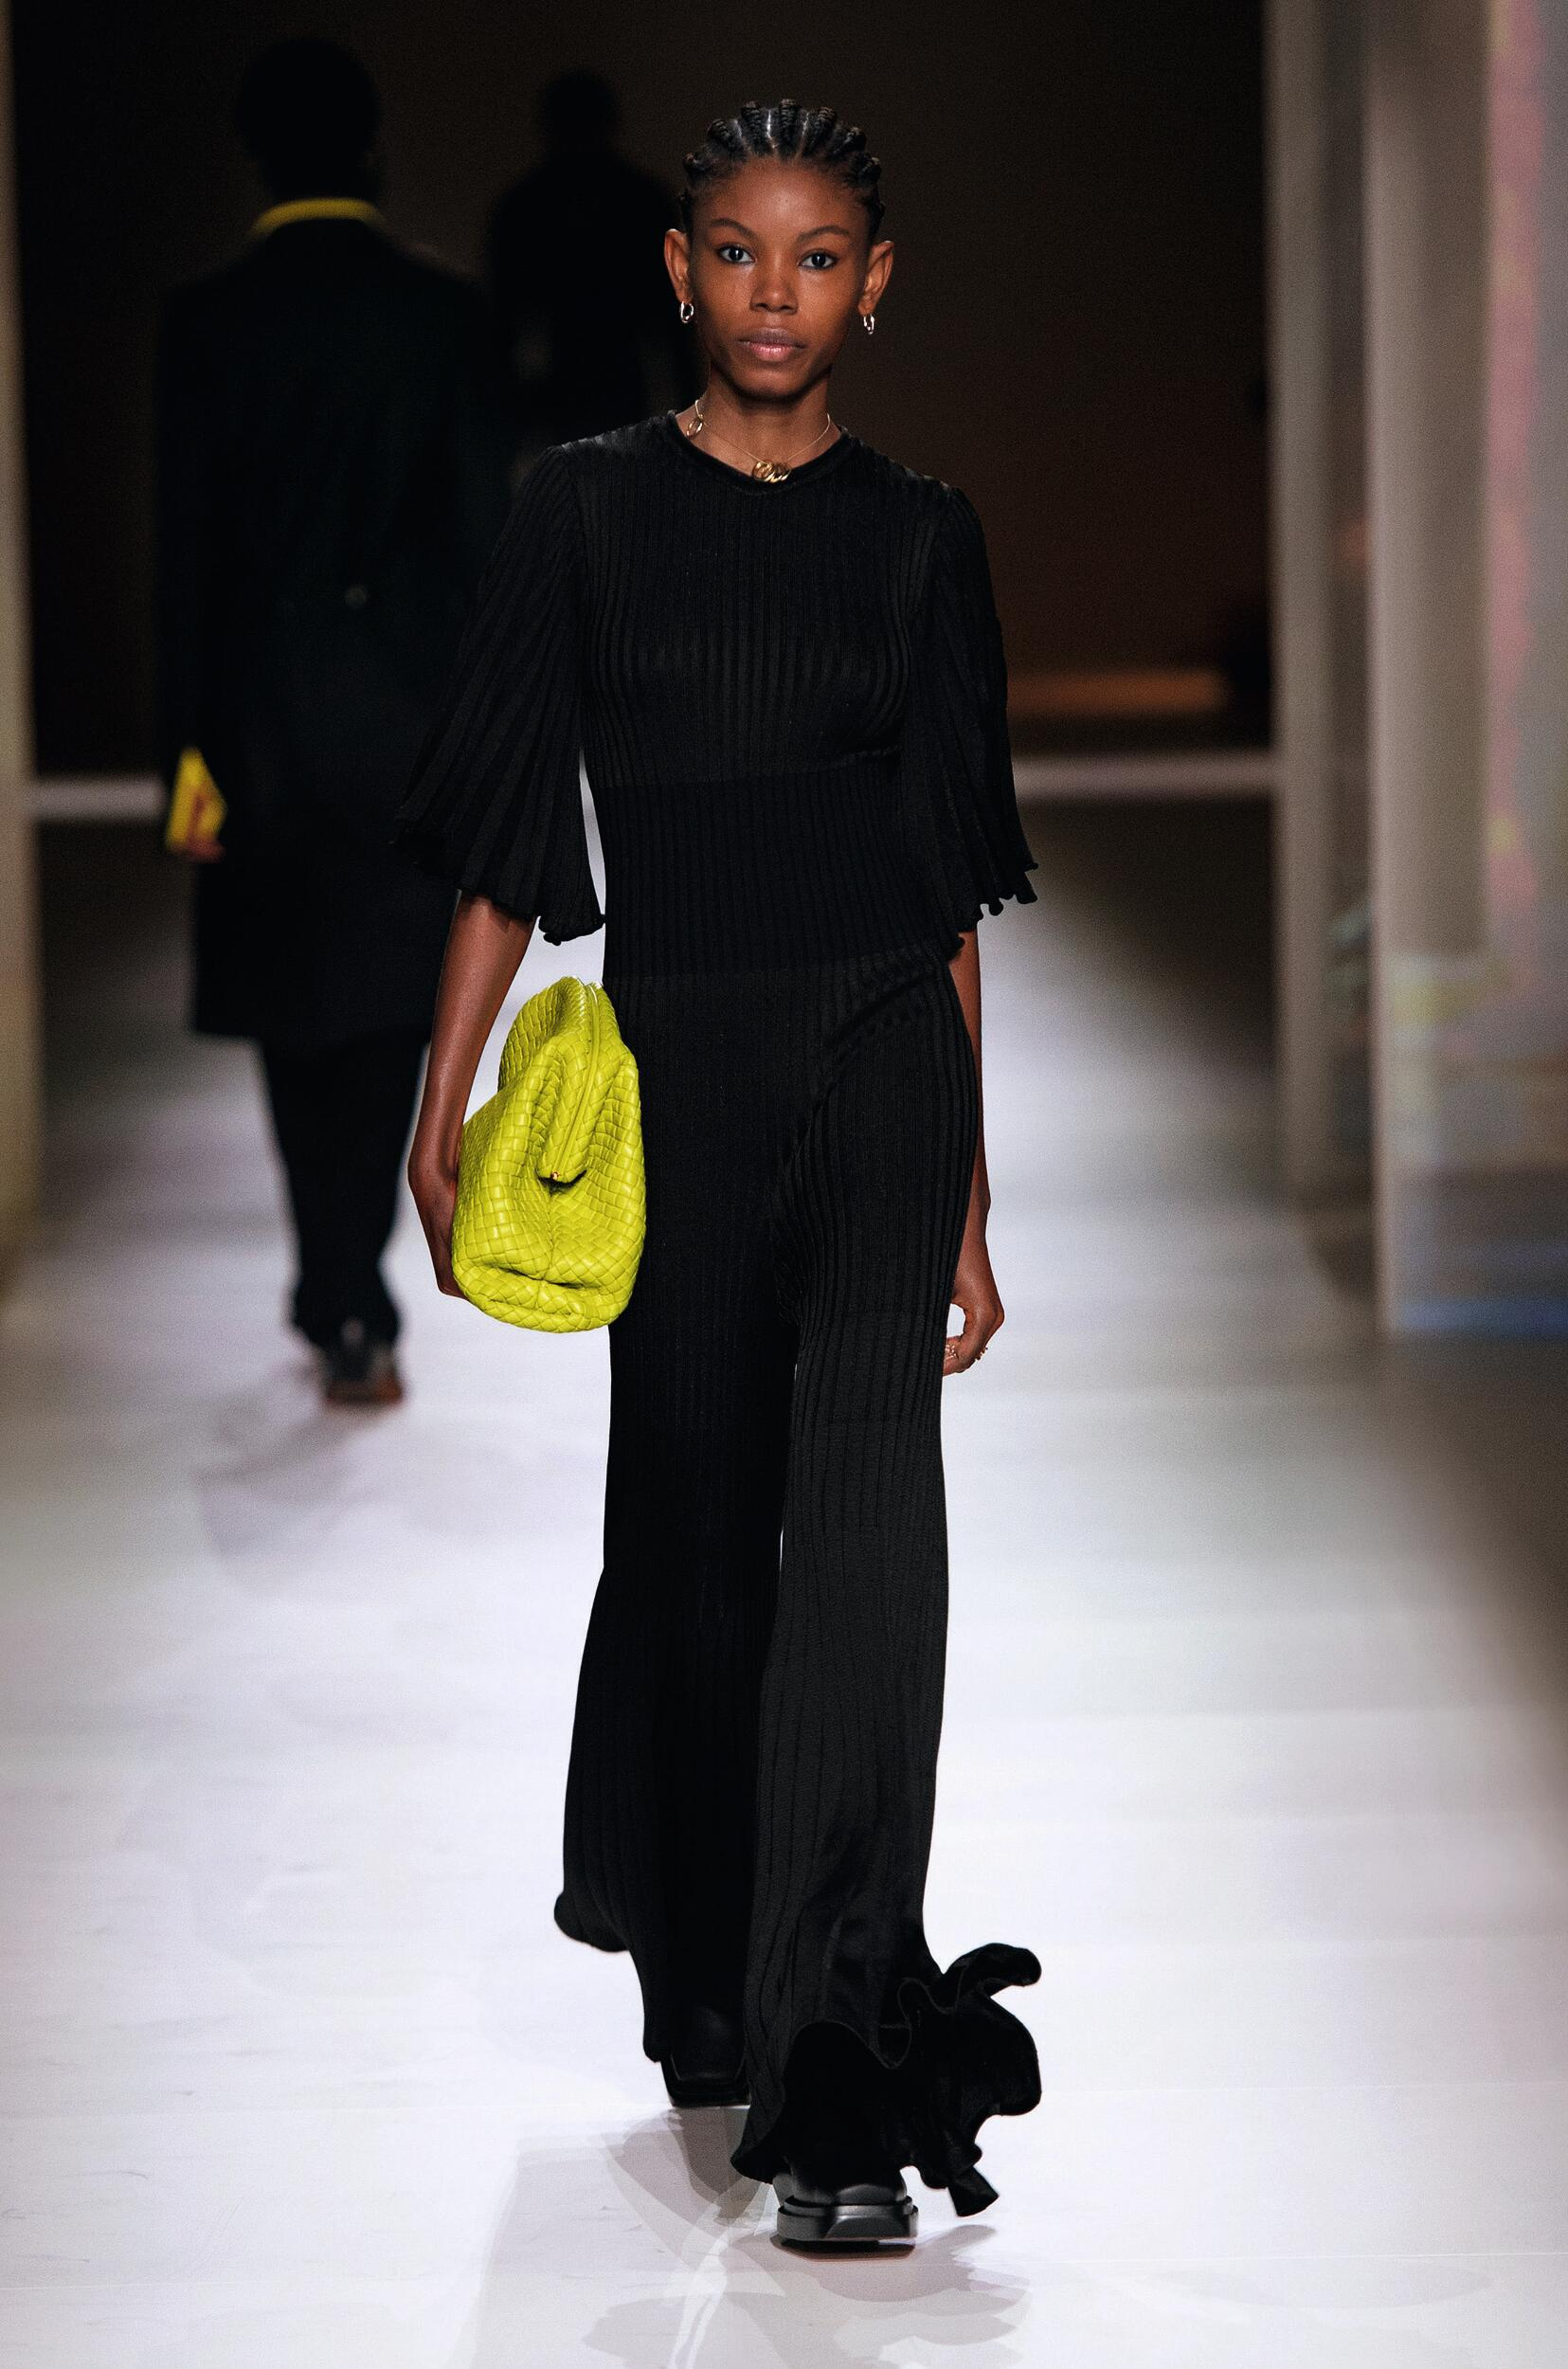 Bottega Veneta FW 2020 Womenswear